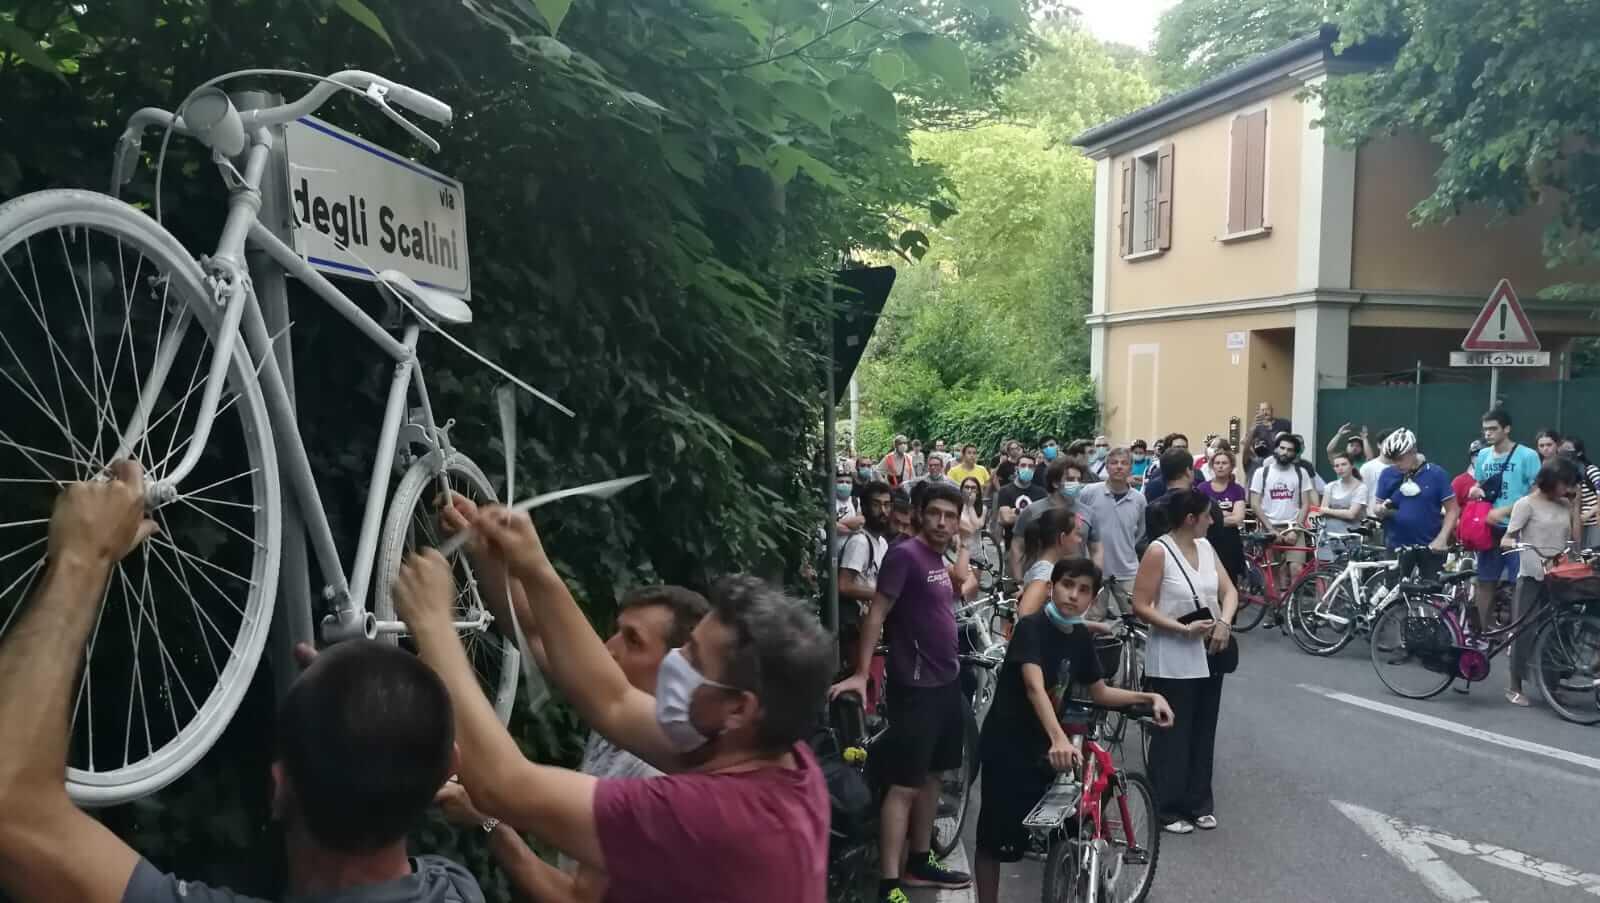 Finalmente liberi di pedalare, portiamo il nostro ricordo per Matteo Prodi in via di Barbiano: a soli 19 anni morto in un omicidio stradale sui colli, zona di Bologna sempre più spesso teatro di incidenti gravi senza controllo della velocità.